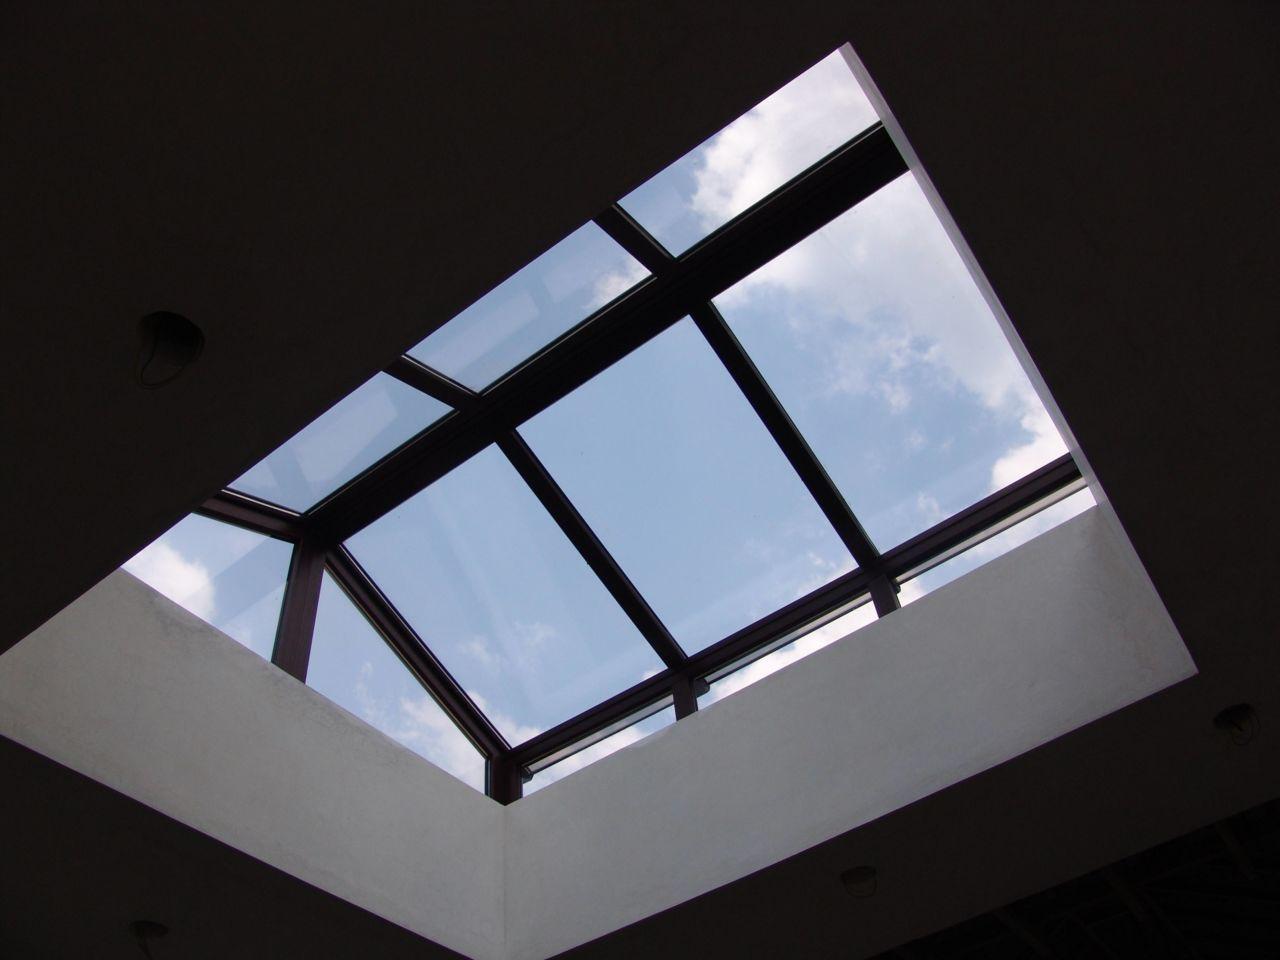 Iluminacion natural en tu casa con los tragaluces o for Ventana en el techo